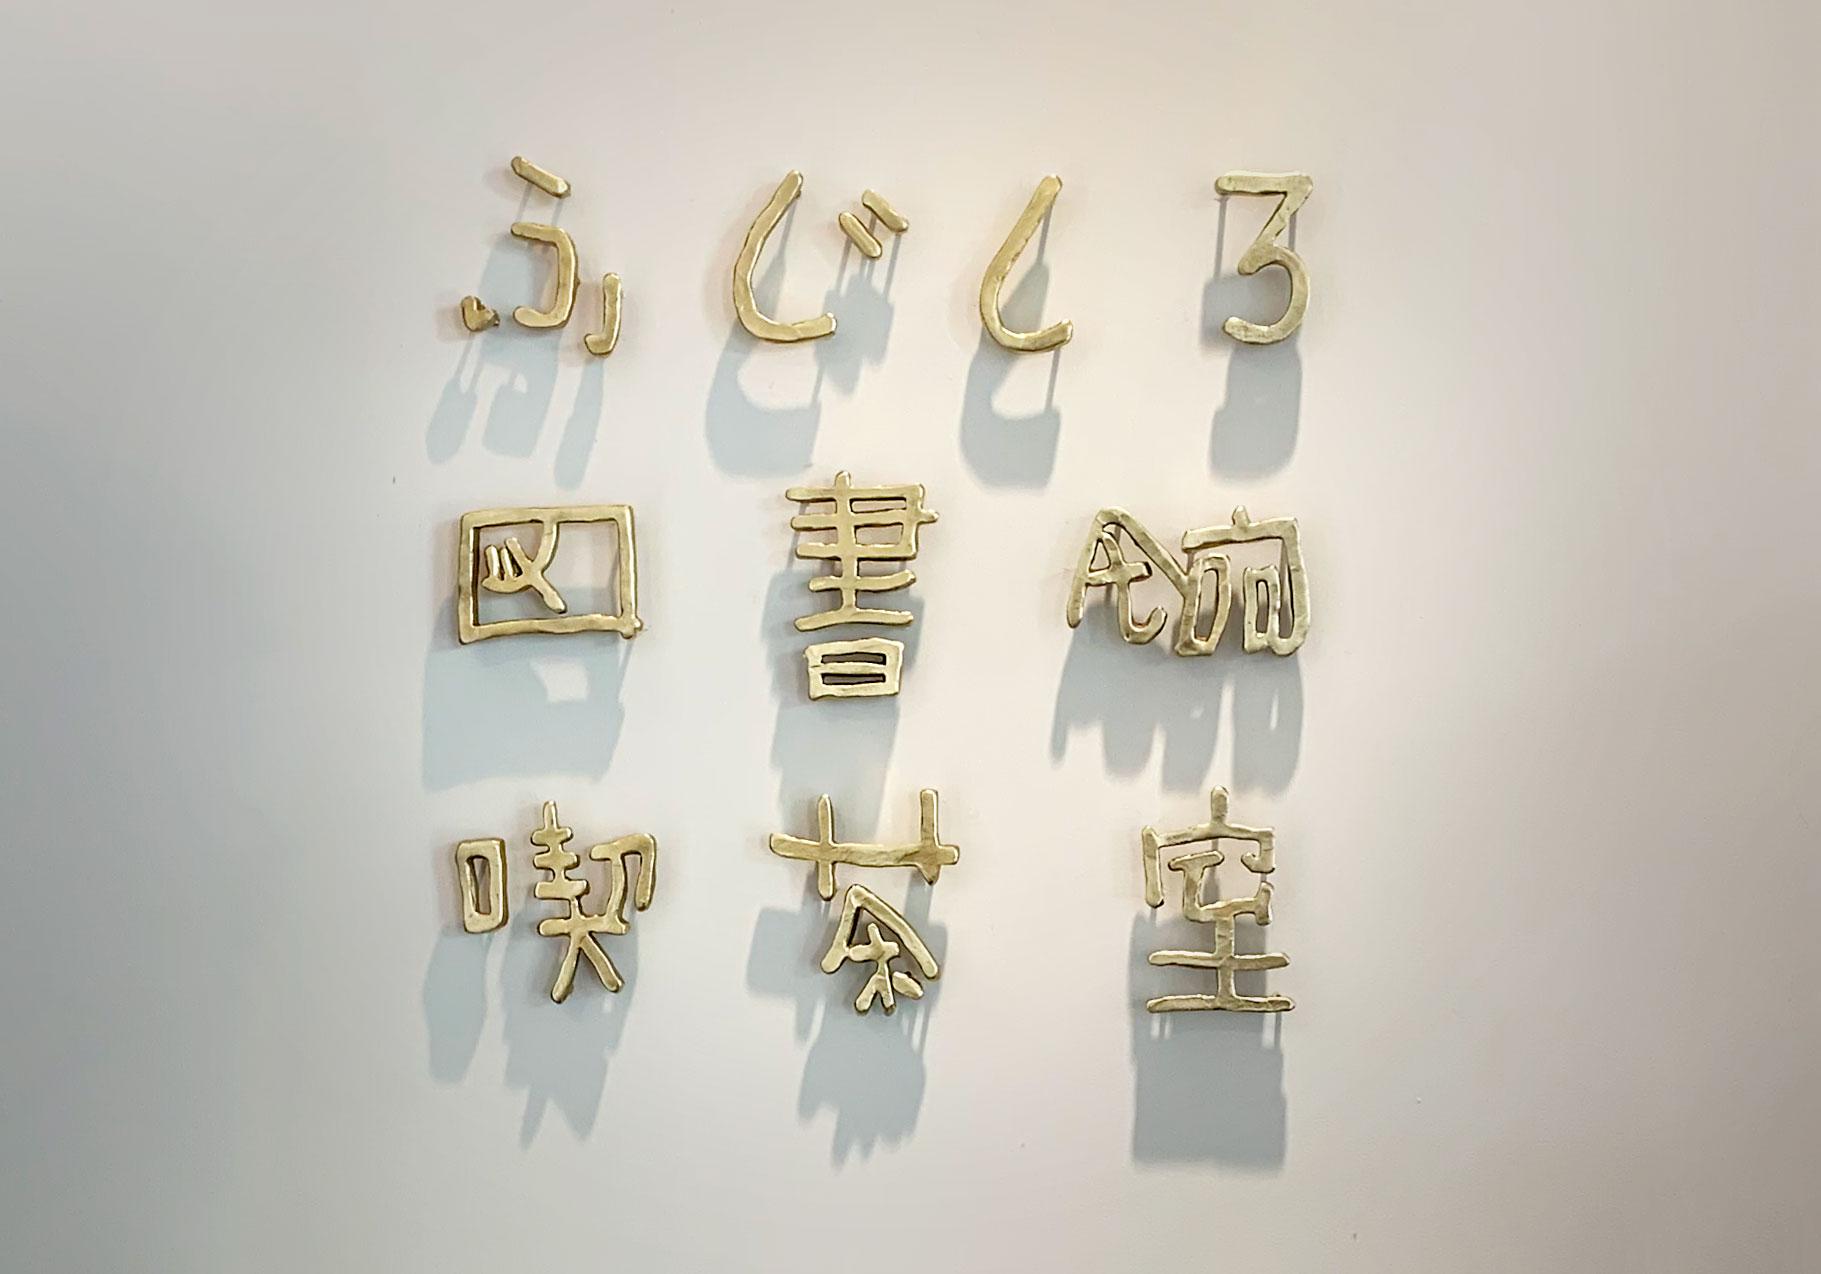 事例紹介 #001:「ふじしろ図書館喫茶室」鋳造文字の看板